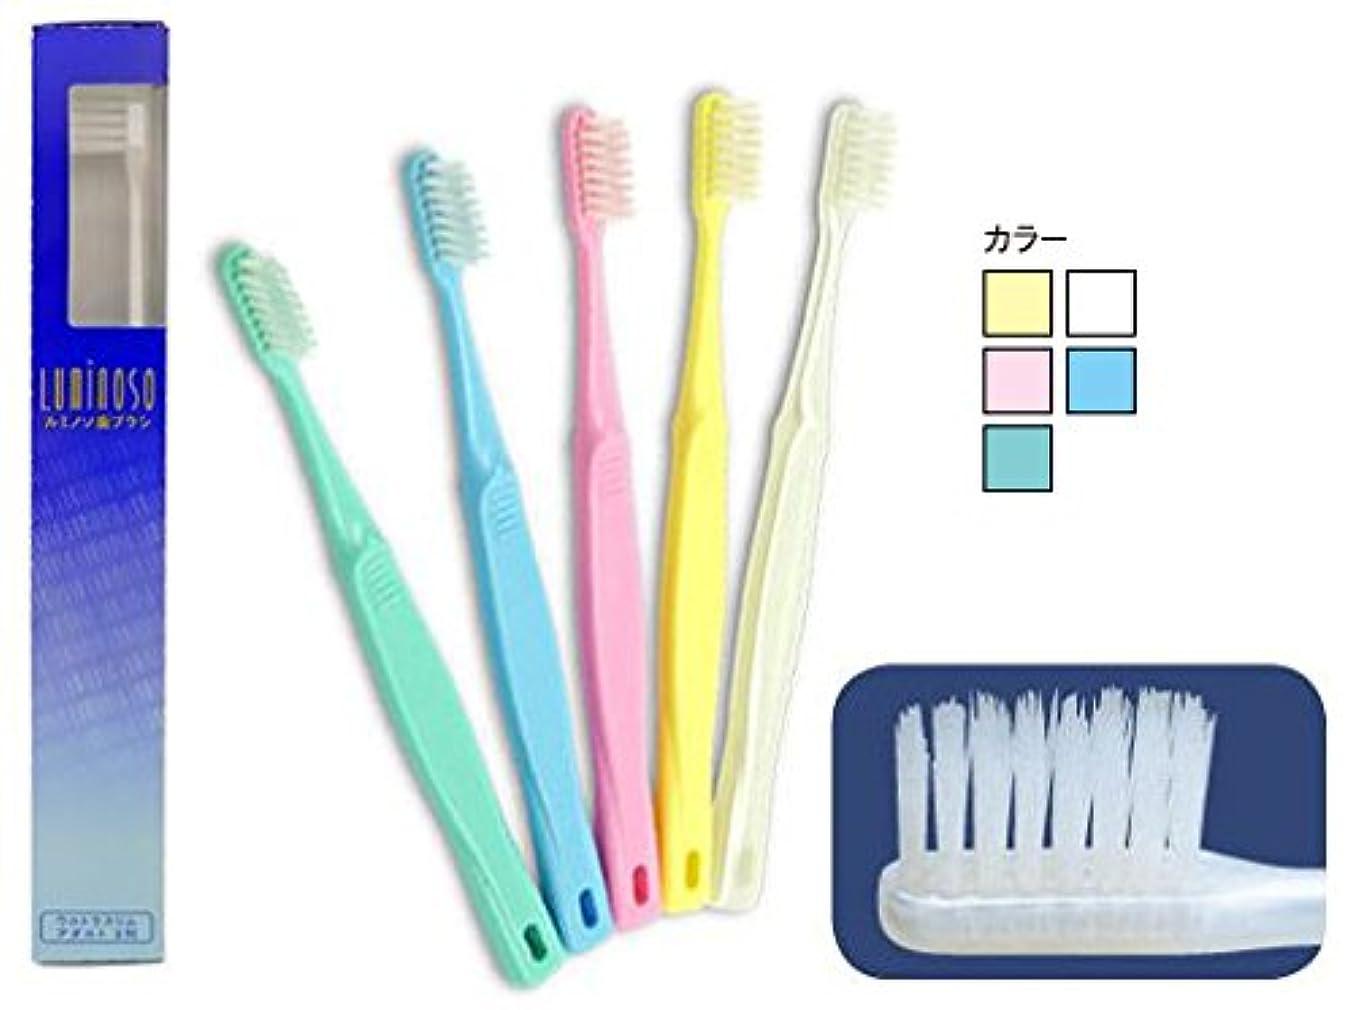 したがってみなすウェーハルミノソ 歯ブラシ ウルトラスリム アダルト 3列 10本 (カラー指定不可)